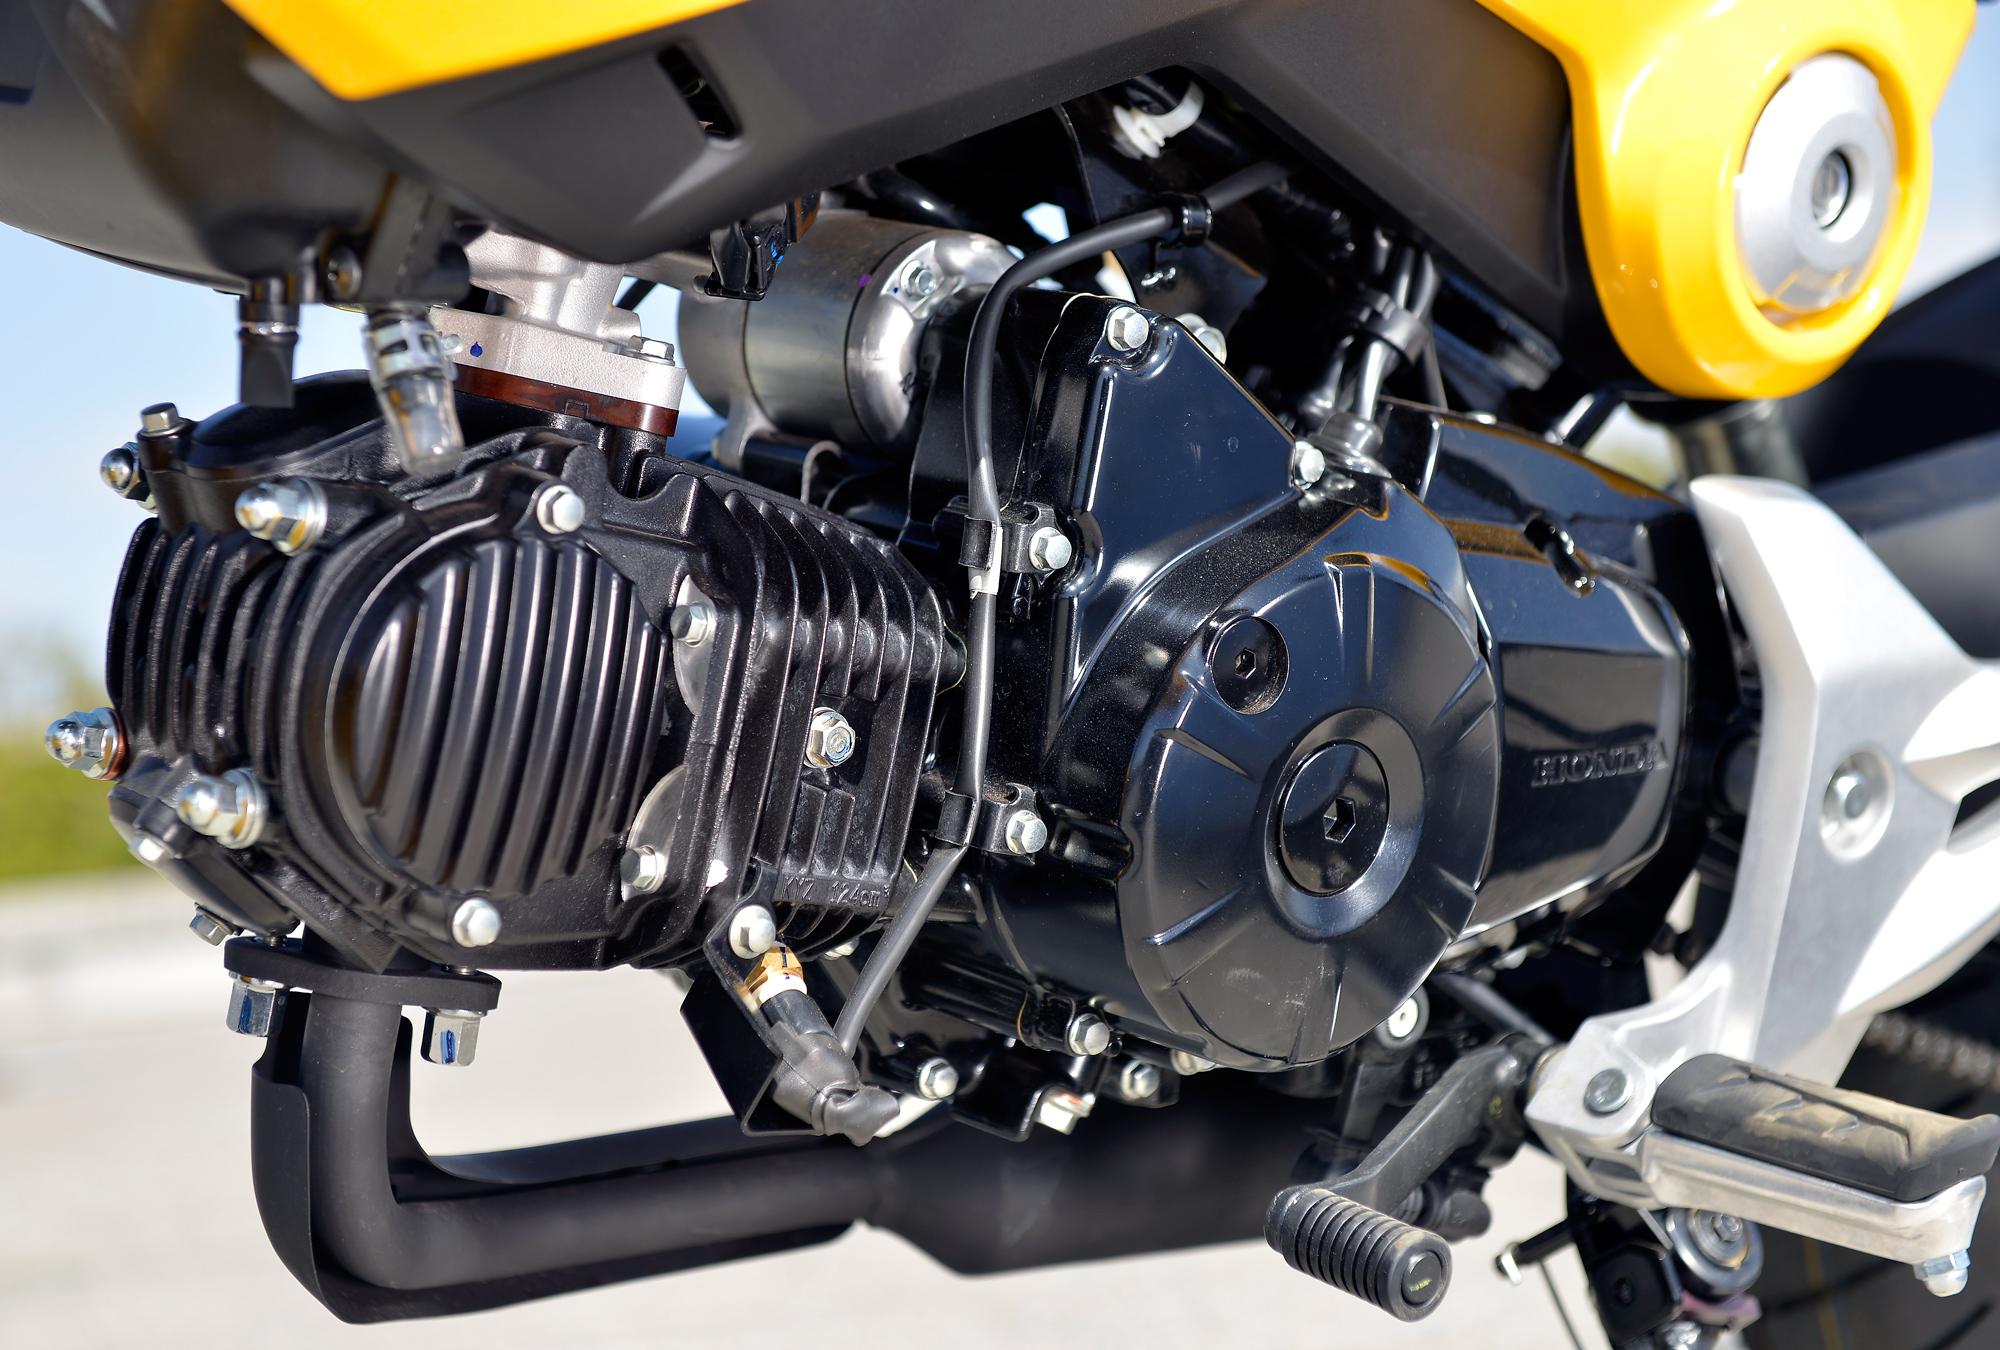 2015 Honda Grom >> 2013年に登場した新世代のレジャーモデル・GROMは、本格装備が魅力!! | バイクニュース | タンデムスタイル